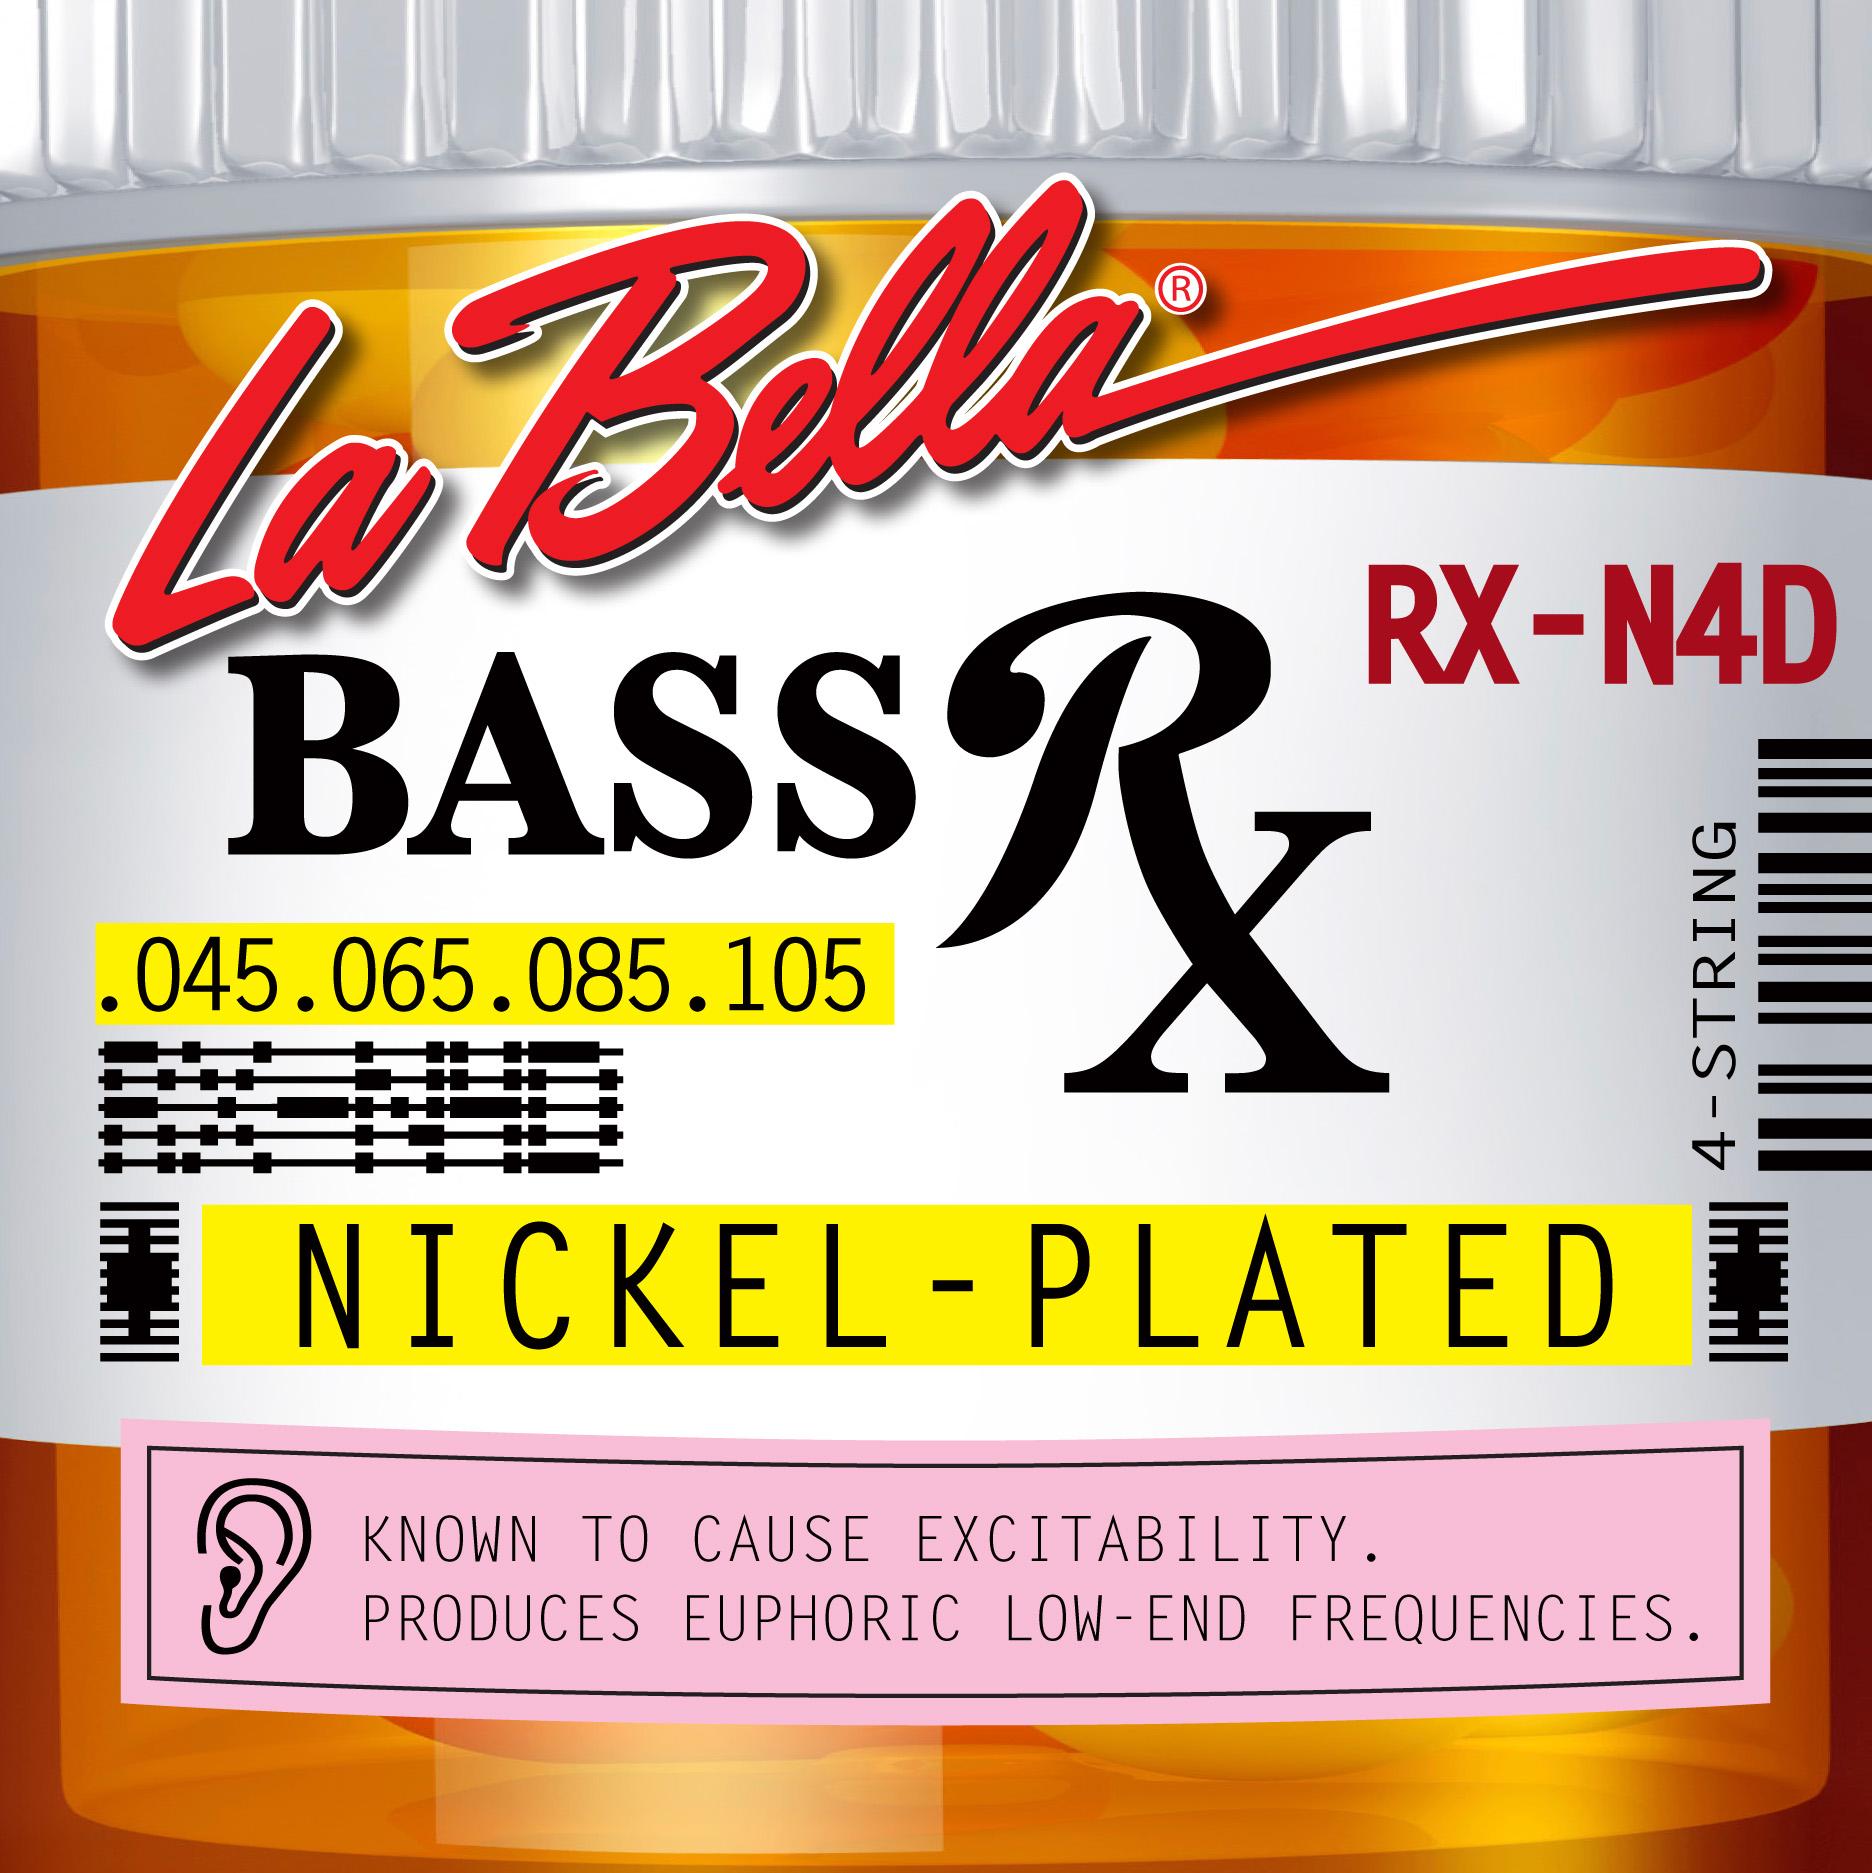 【Музыкальный инструмент Юань】Серия La Bella RX Нержавеющая сталь / никелированная 4-струнная / 5-струнная / 6-струнная электрическая липа